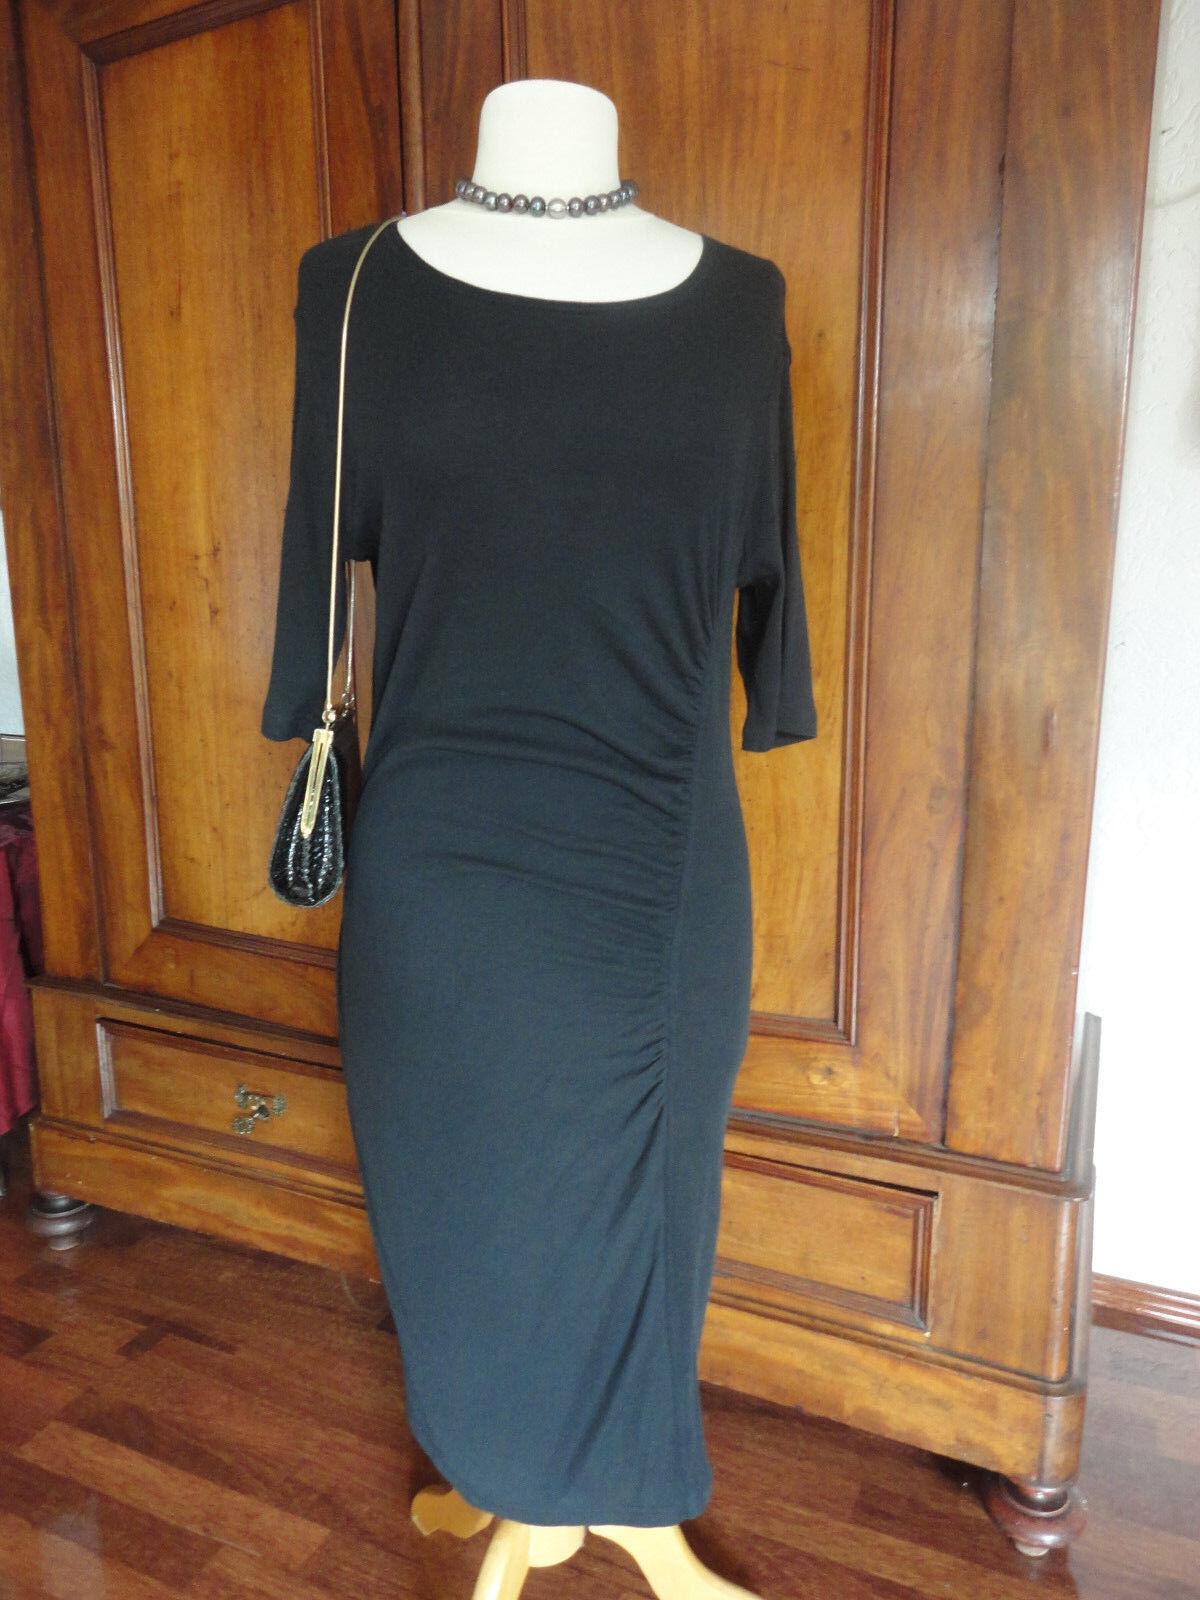 NEU    UNGARO solo damen Paris Abendkleid Party  Kleid dt. Gr. 40 schwarz sexy